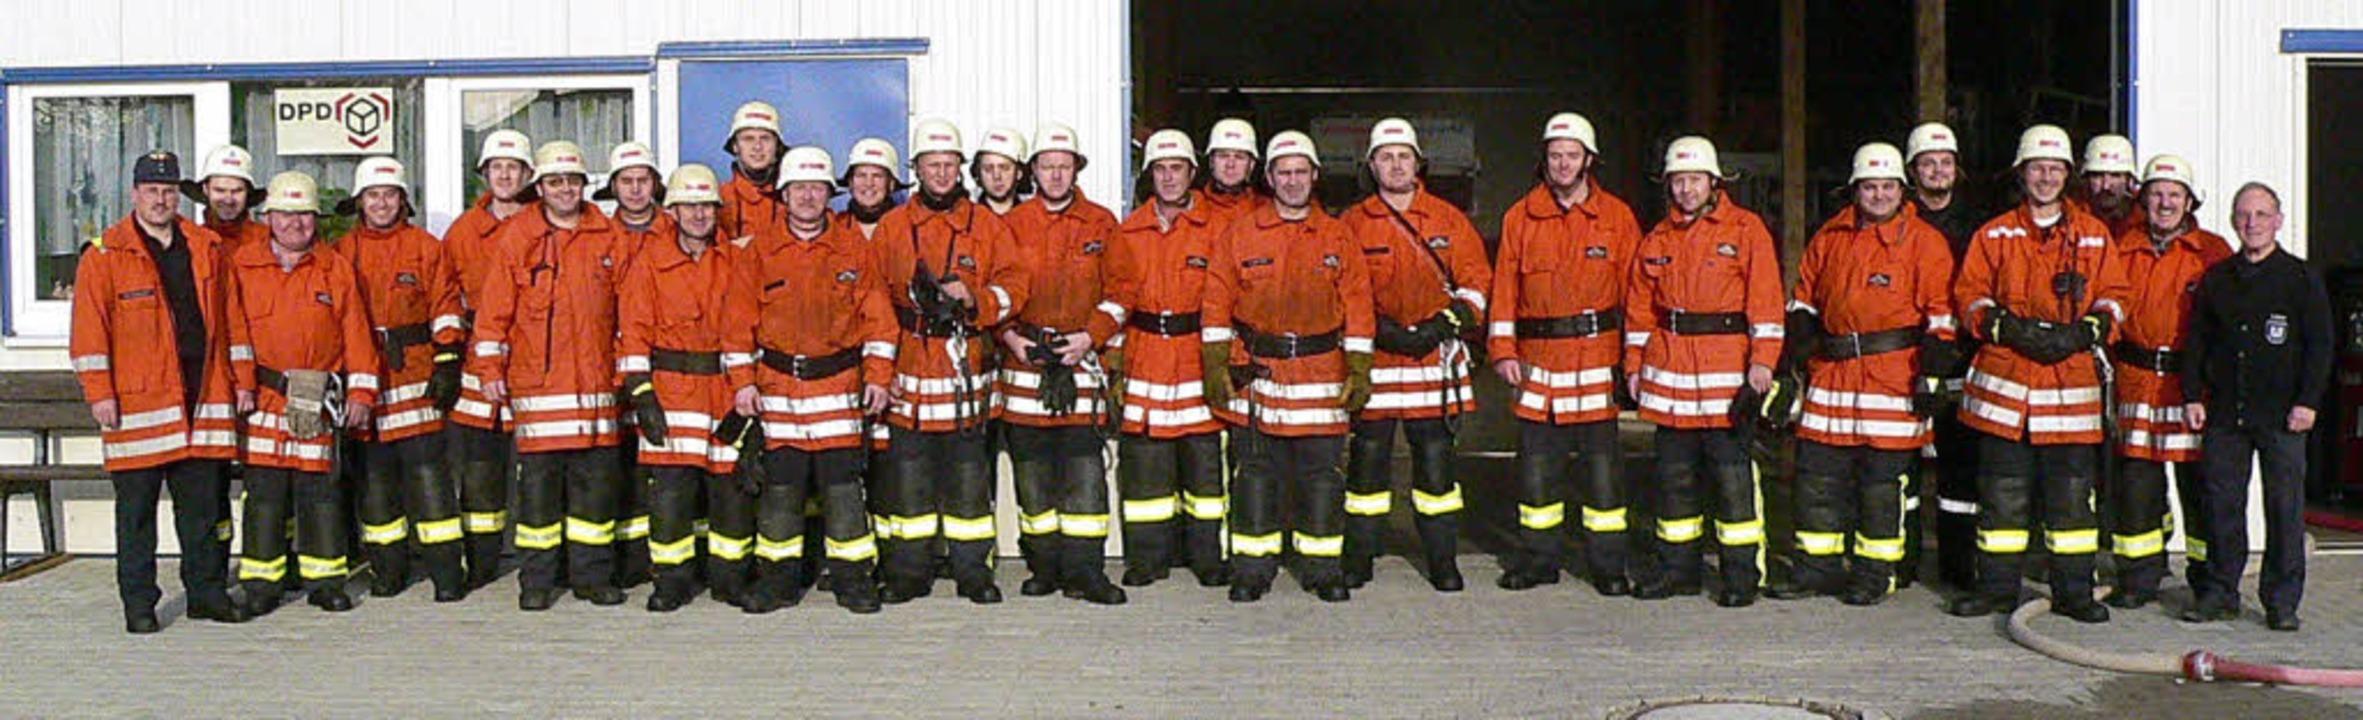 Stolz auf die Leistung: Die Abteilung ...reichen Herbstübung am 5.November 2005  | Foto: Eberhard Weiss